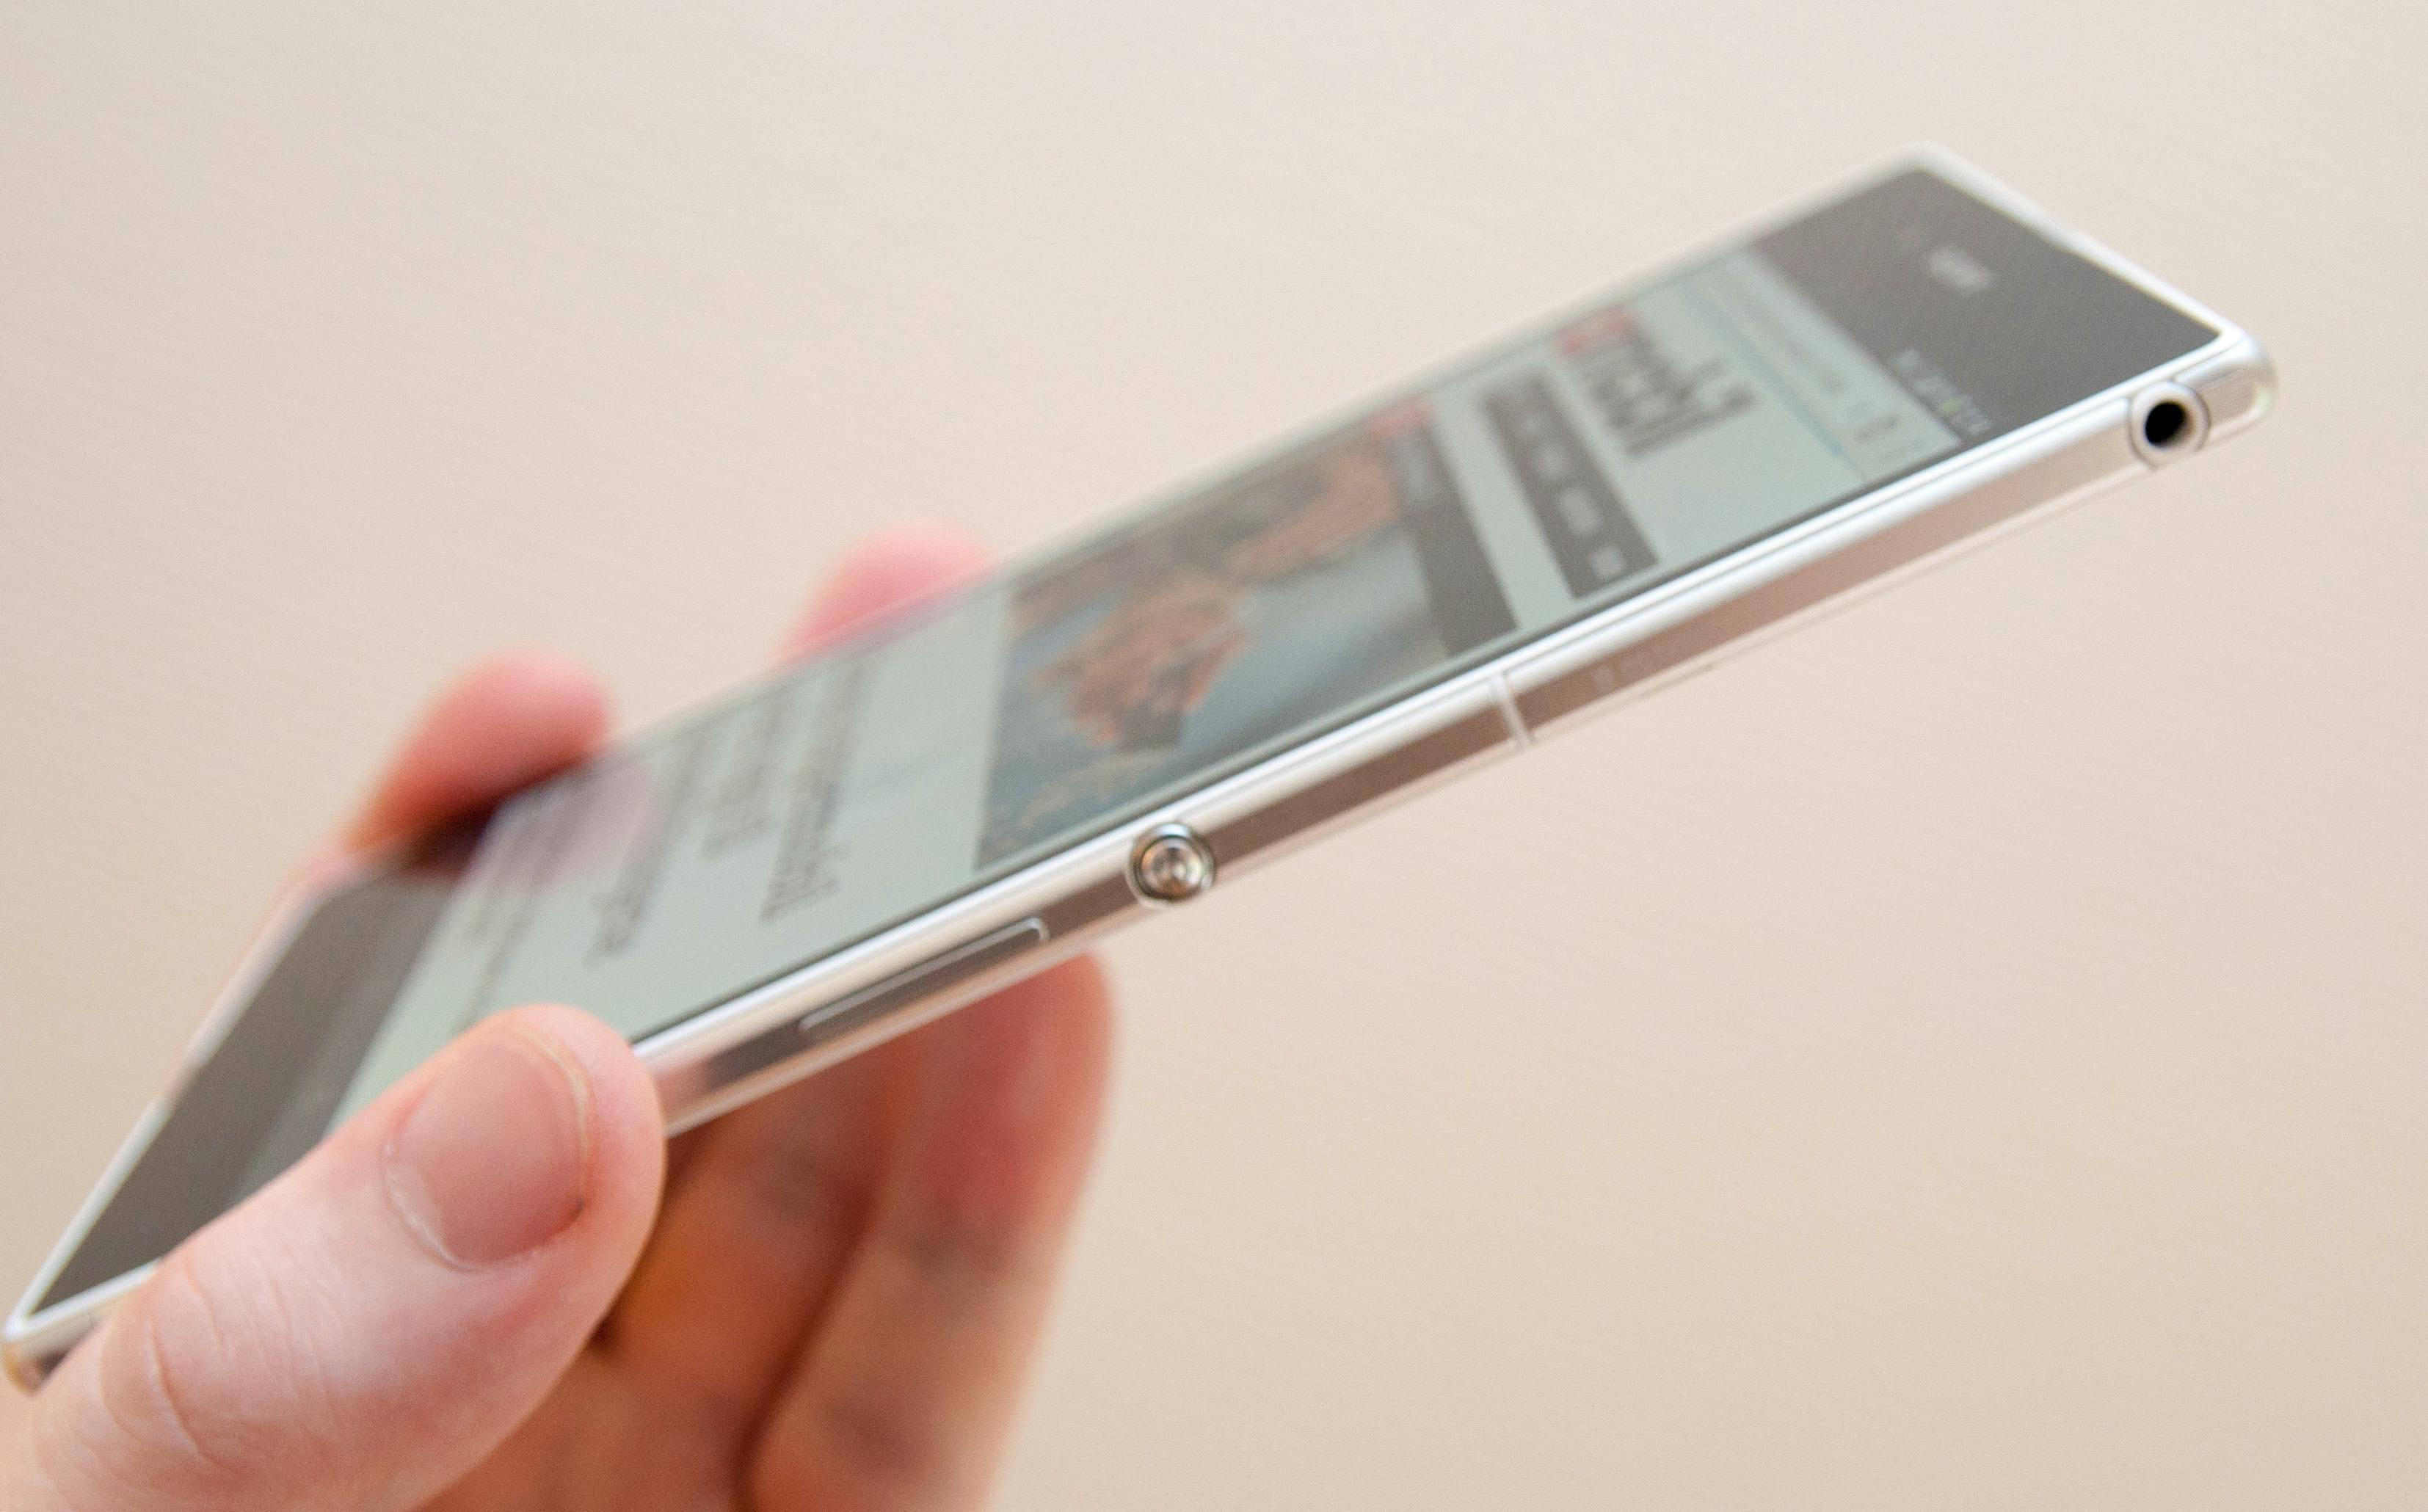 Den nye modellen har metall rundt kantene, og den er stadig vanntett, selv om hodetelefonkontakten ikke har luke over seg.Foto: Finn Jarle Kvalheim, Amobil.no